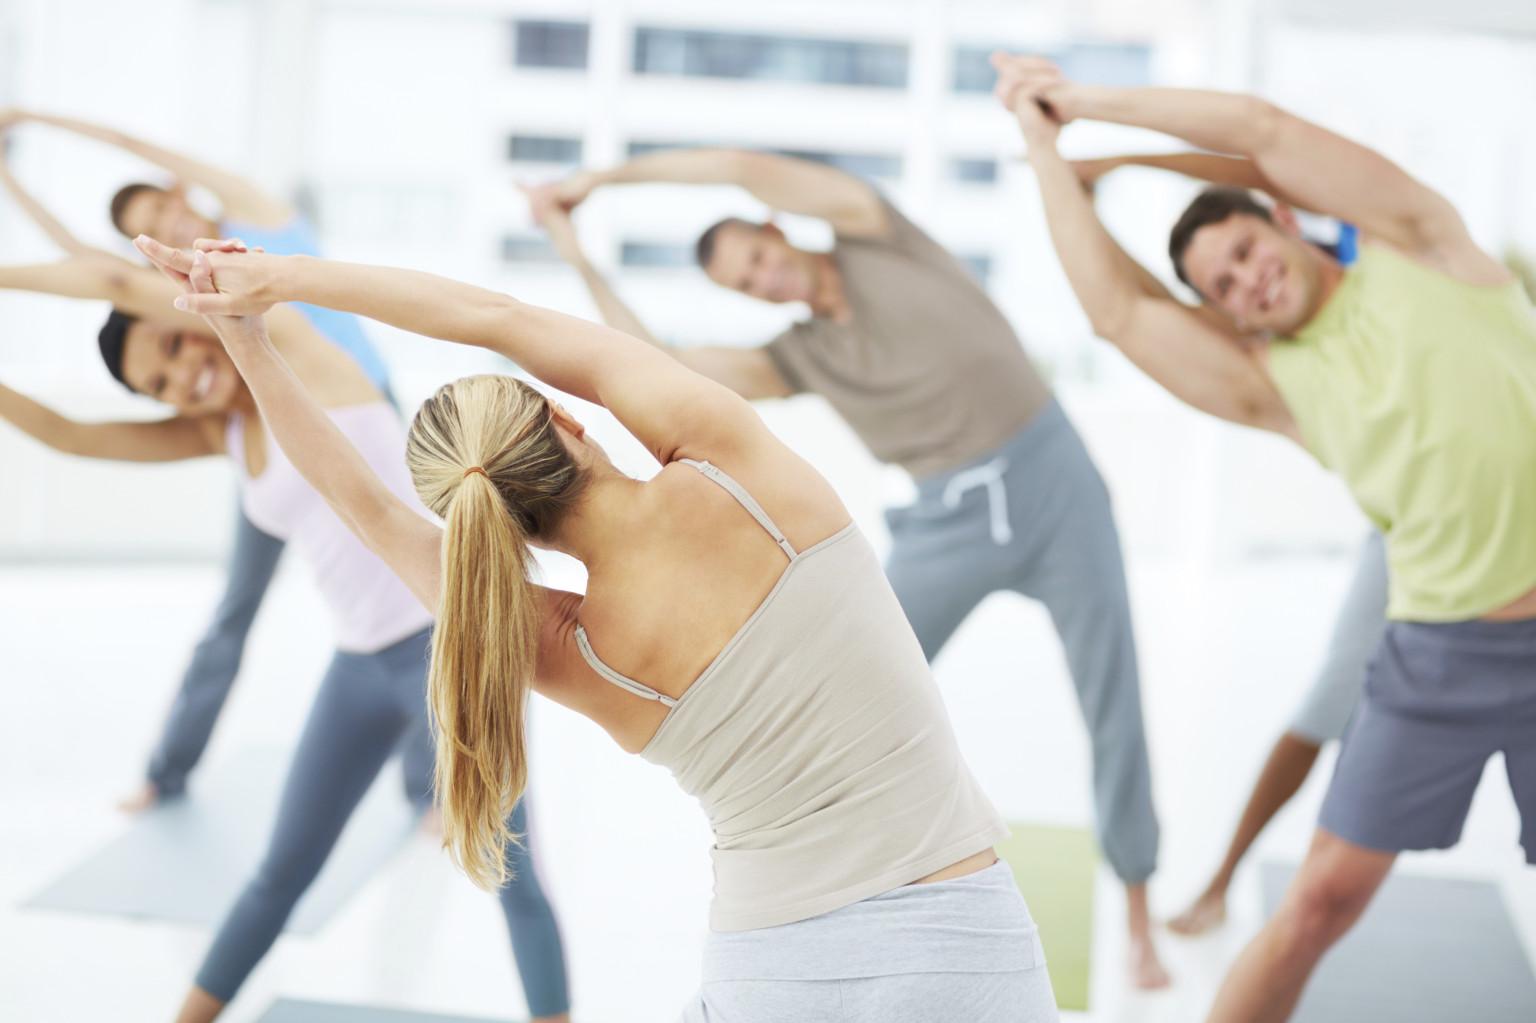 o-yoga-class-facebook.jpg